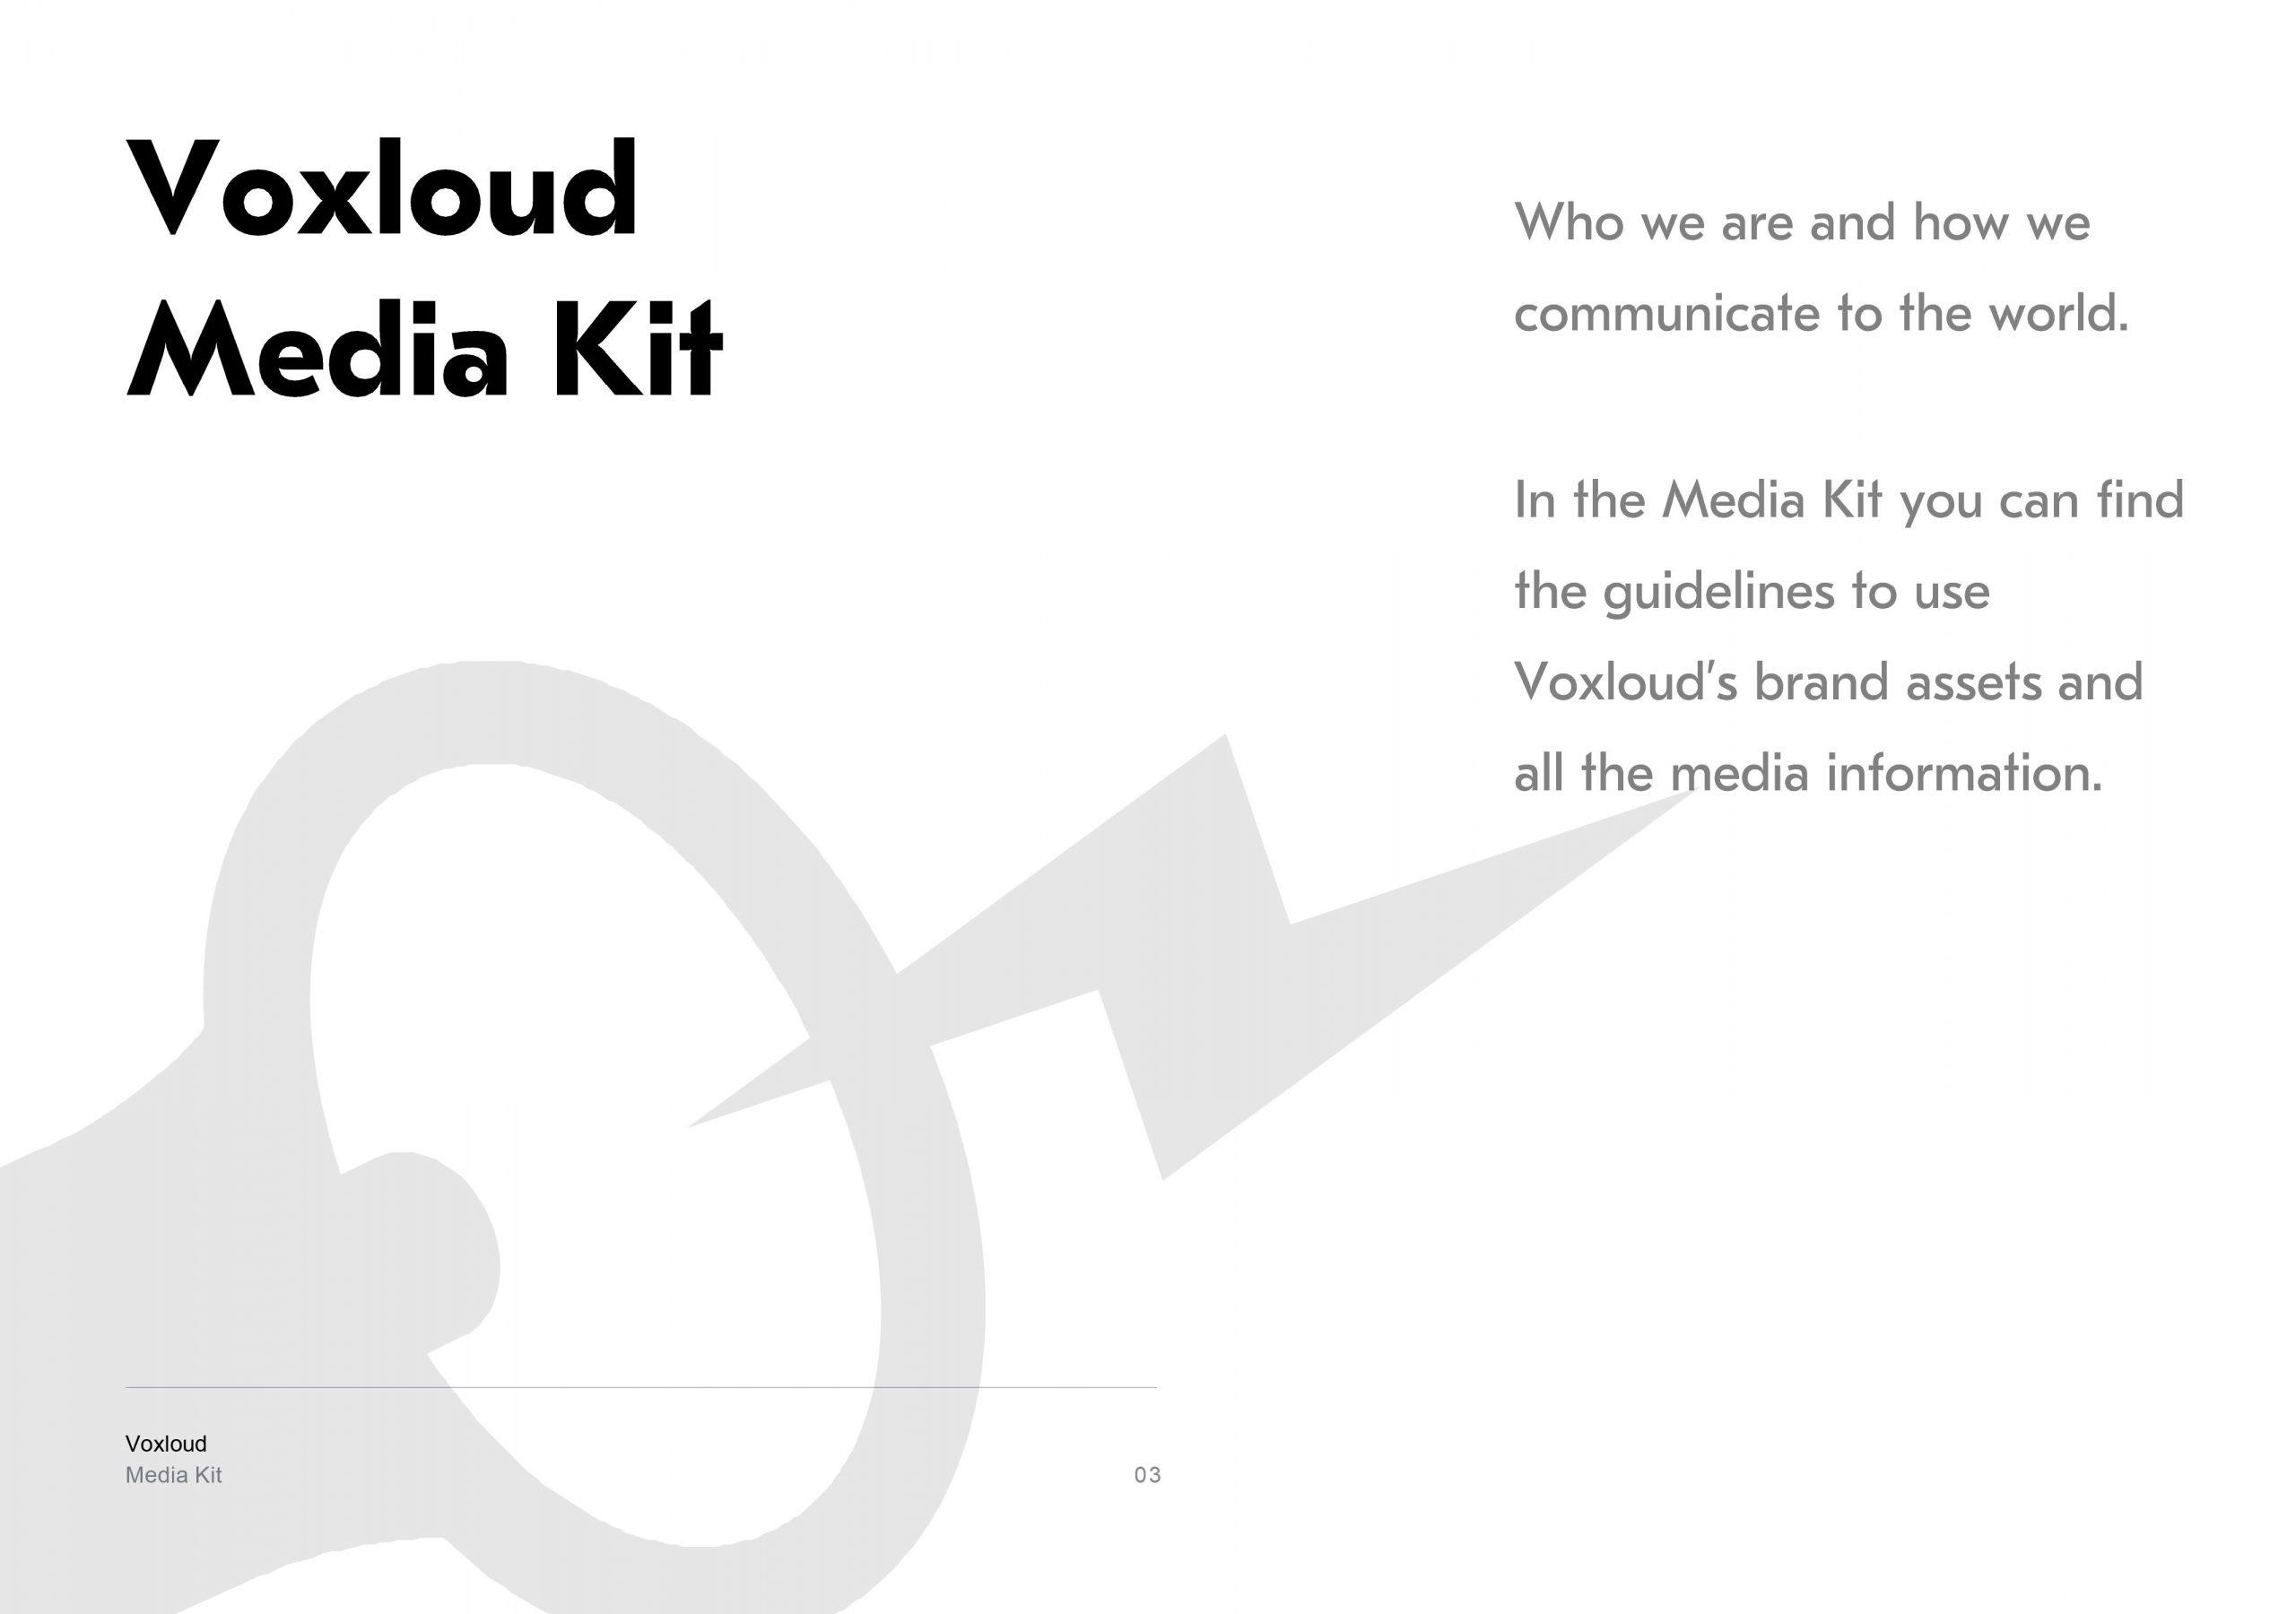 Voxloud Media Kit_03